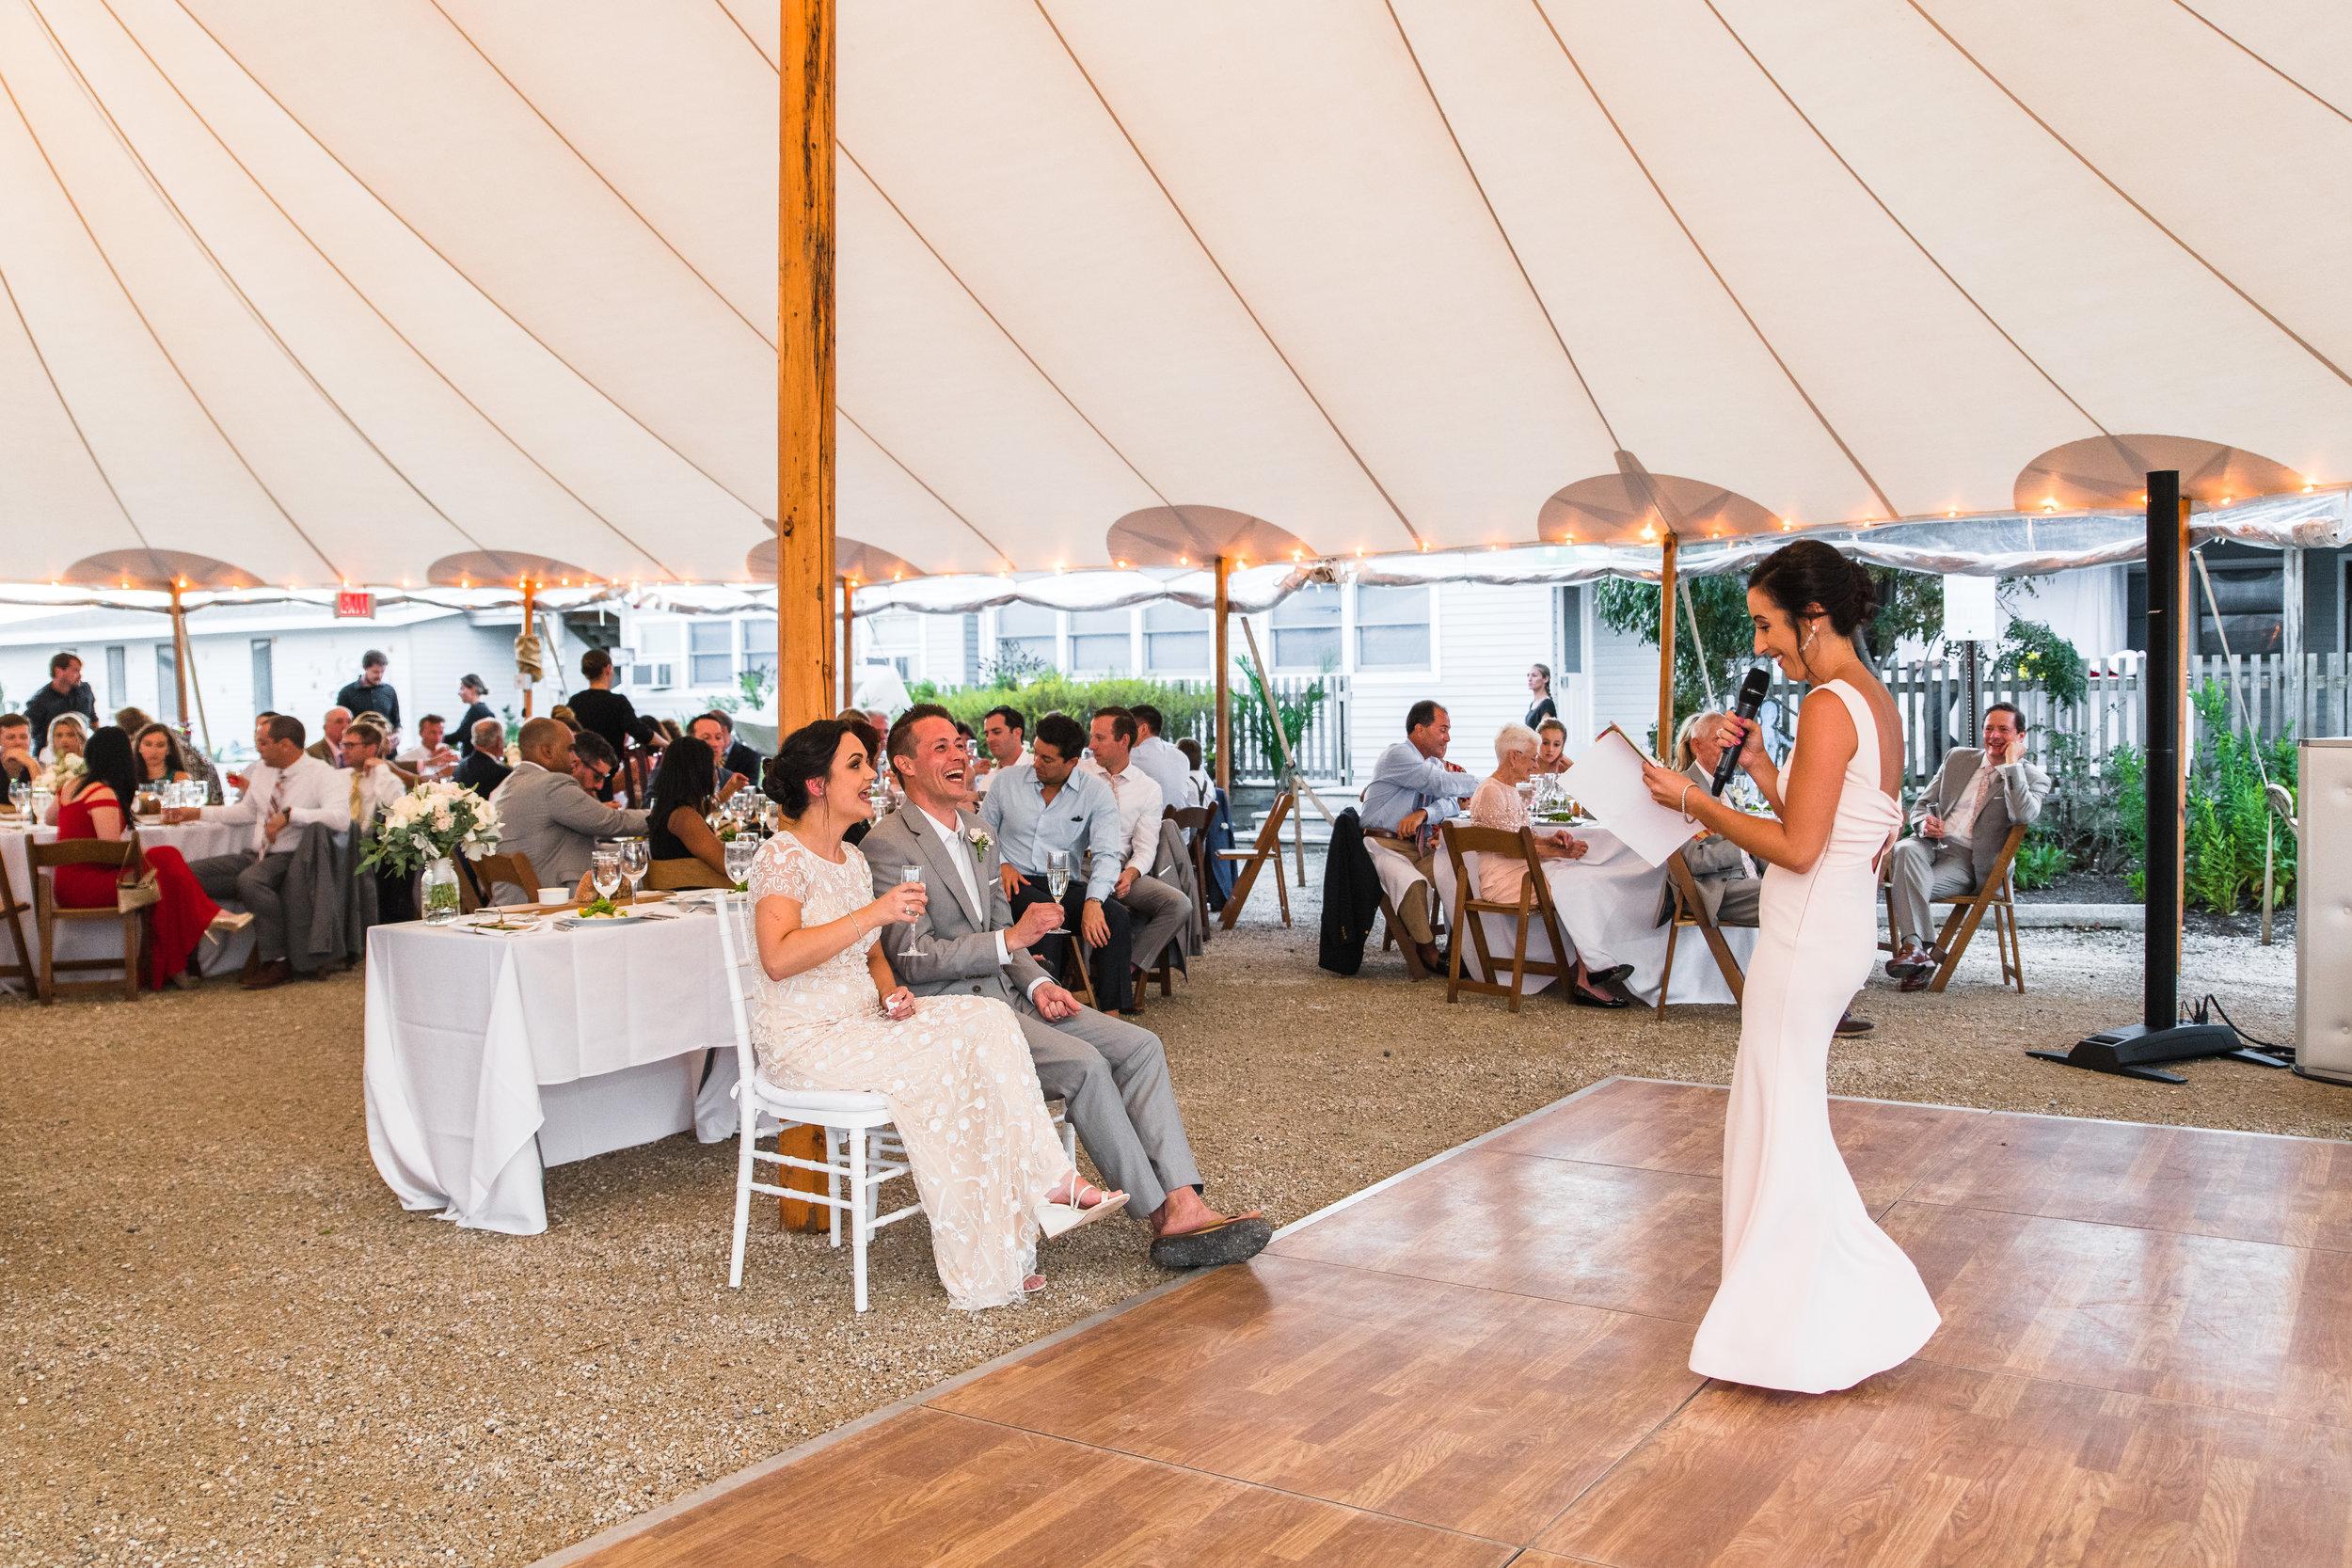 lbi-wedding-arts-foundation-lbi-wedding-photographer-tiff-35.jpg